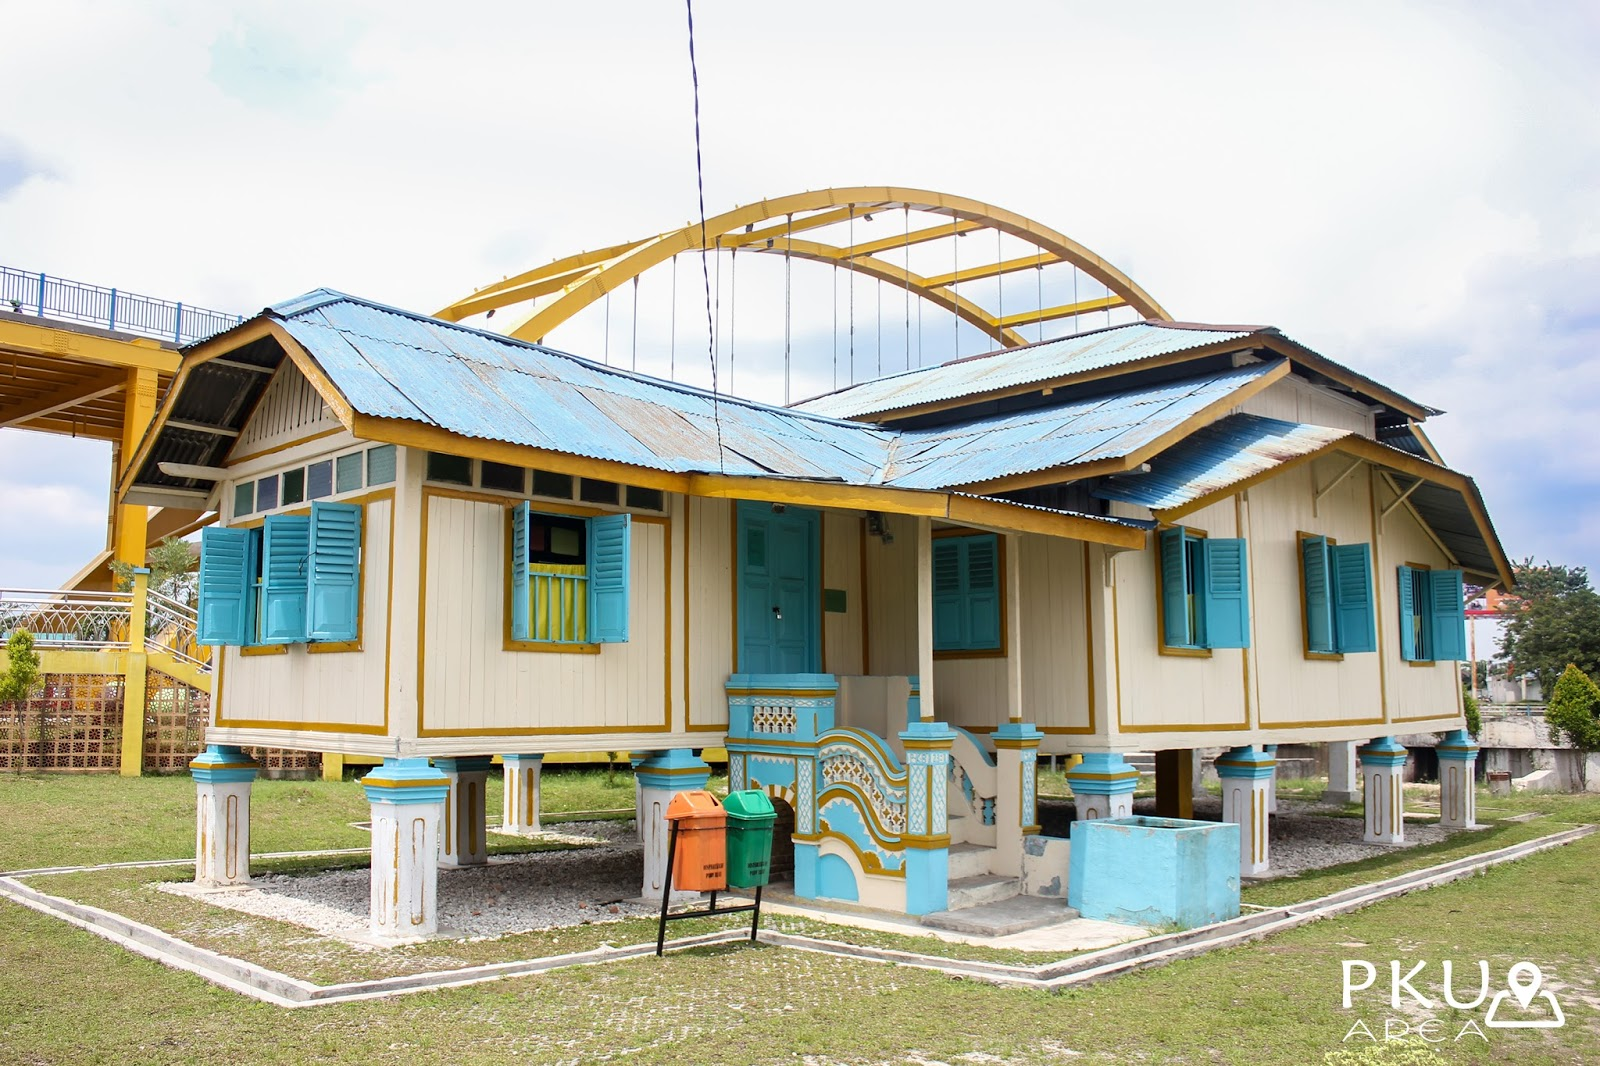 Situs Cagar Budaya Rumah Singgah Tuan Kadi Pekanbaru Area Kota